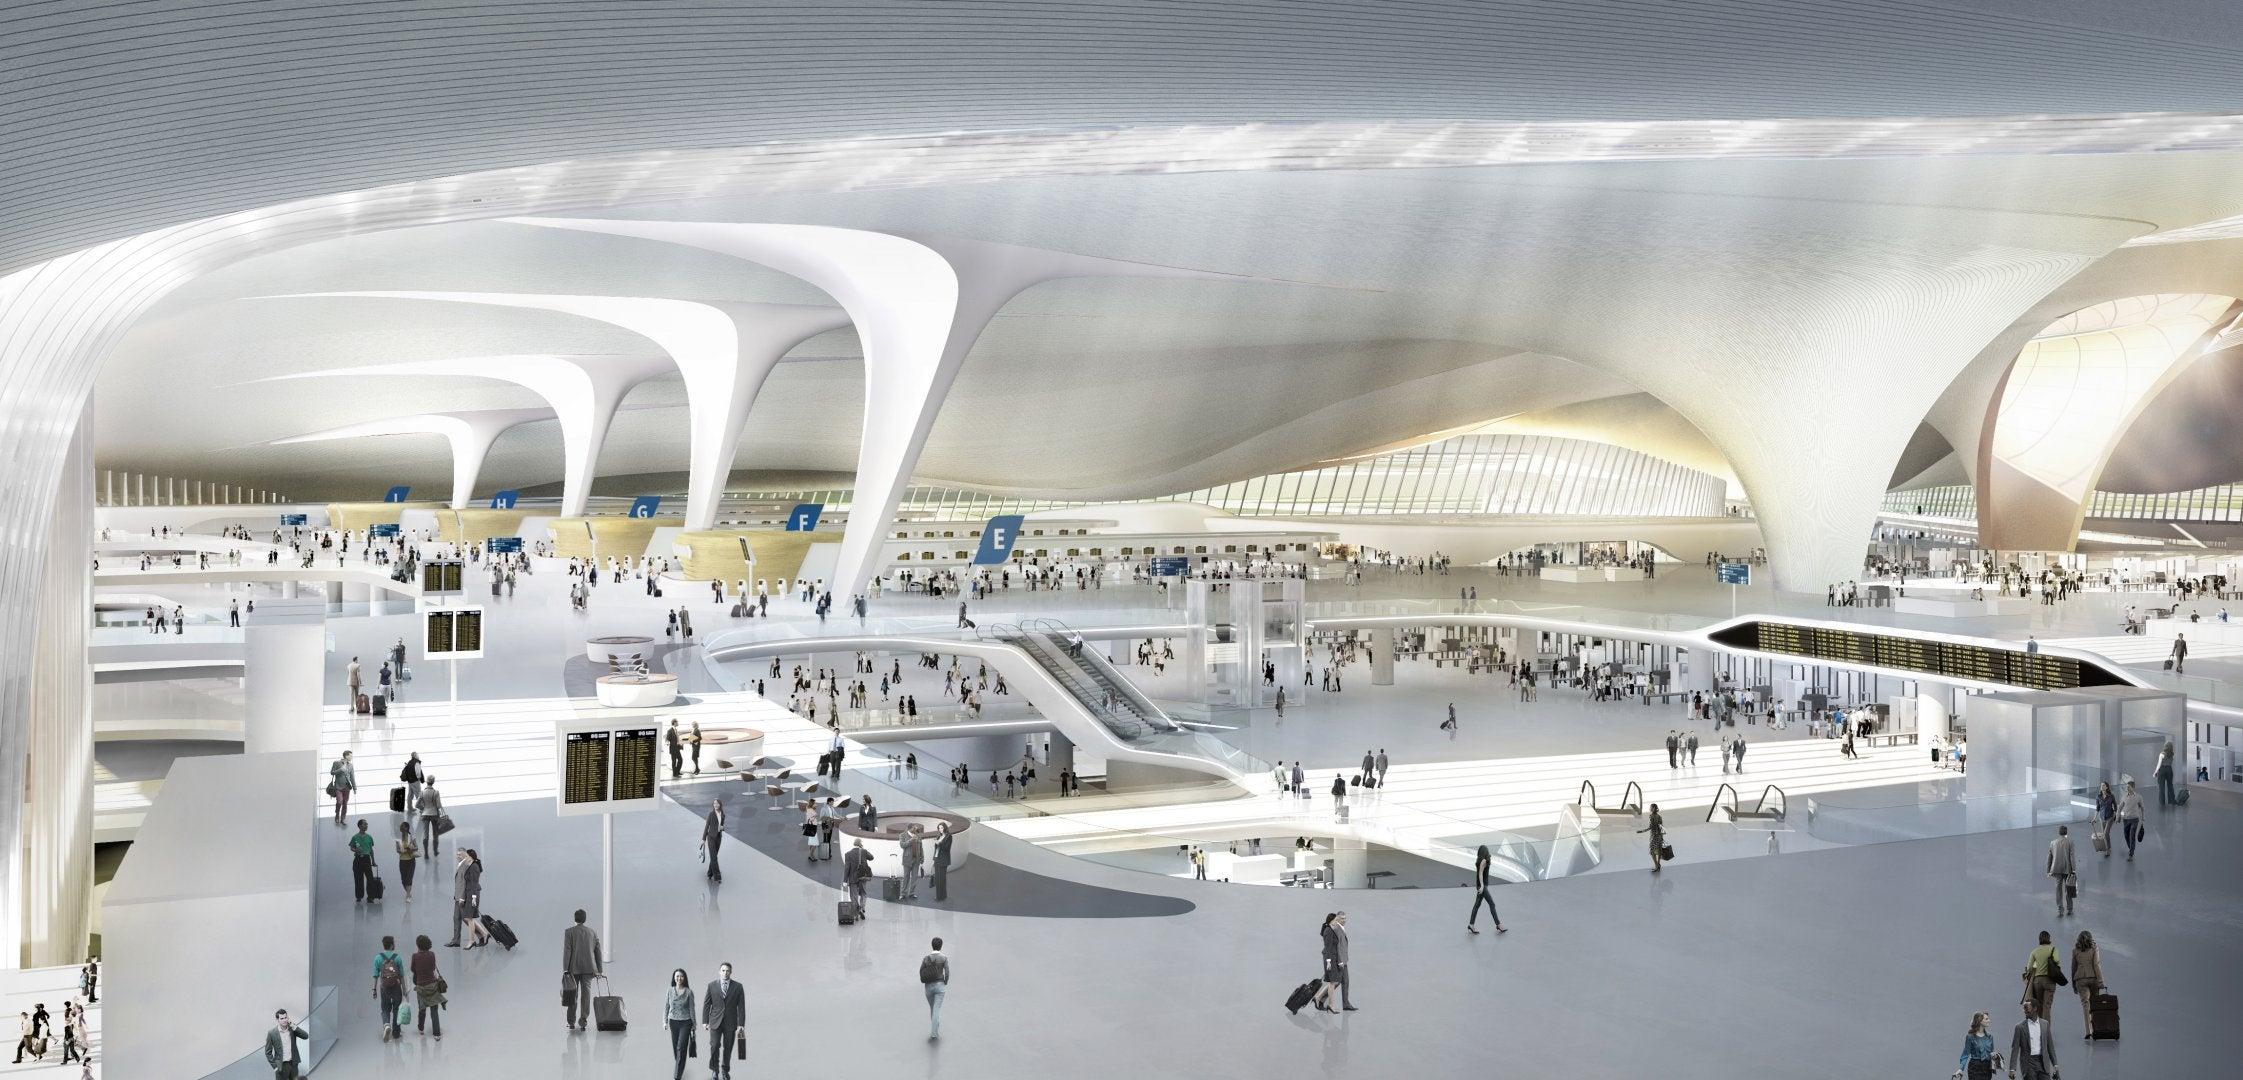 Beijing Airport Inside Beijing's New Airport Terminal